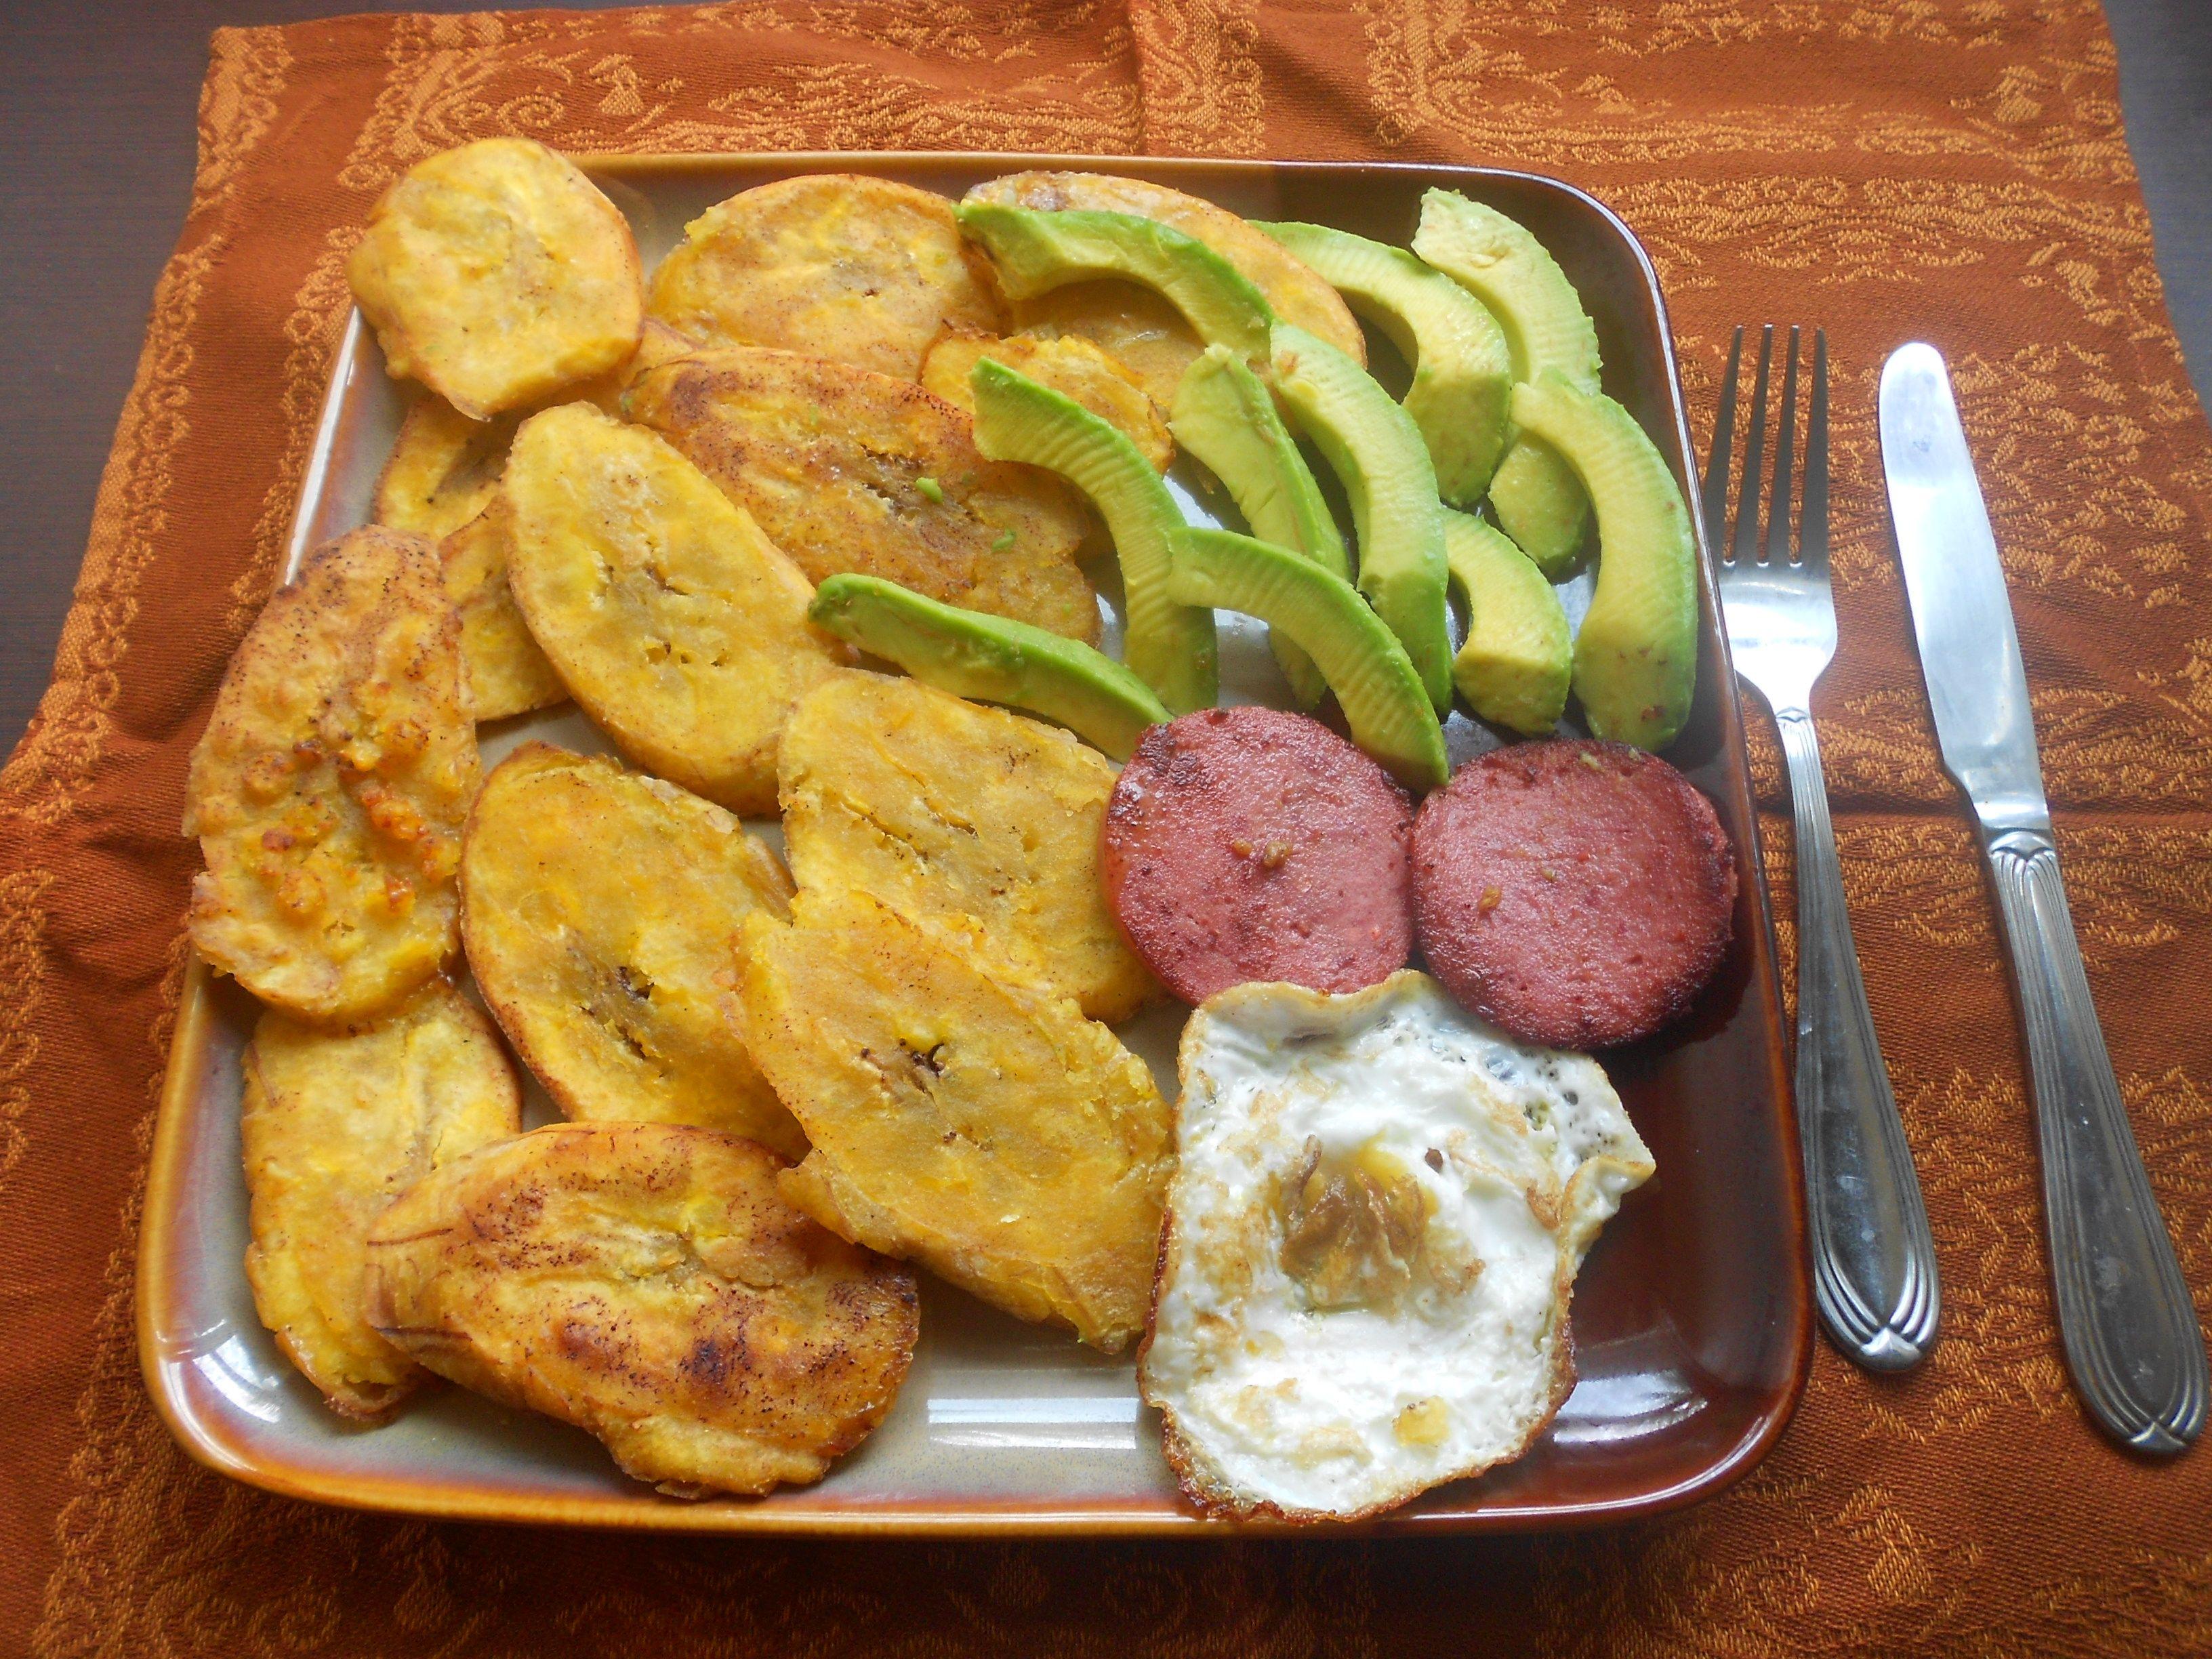 Desayuno AL ESTILO DOMINICANO Food, Breakfast recipes